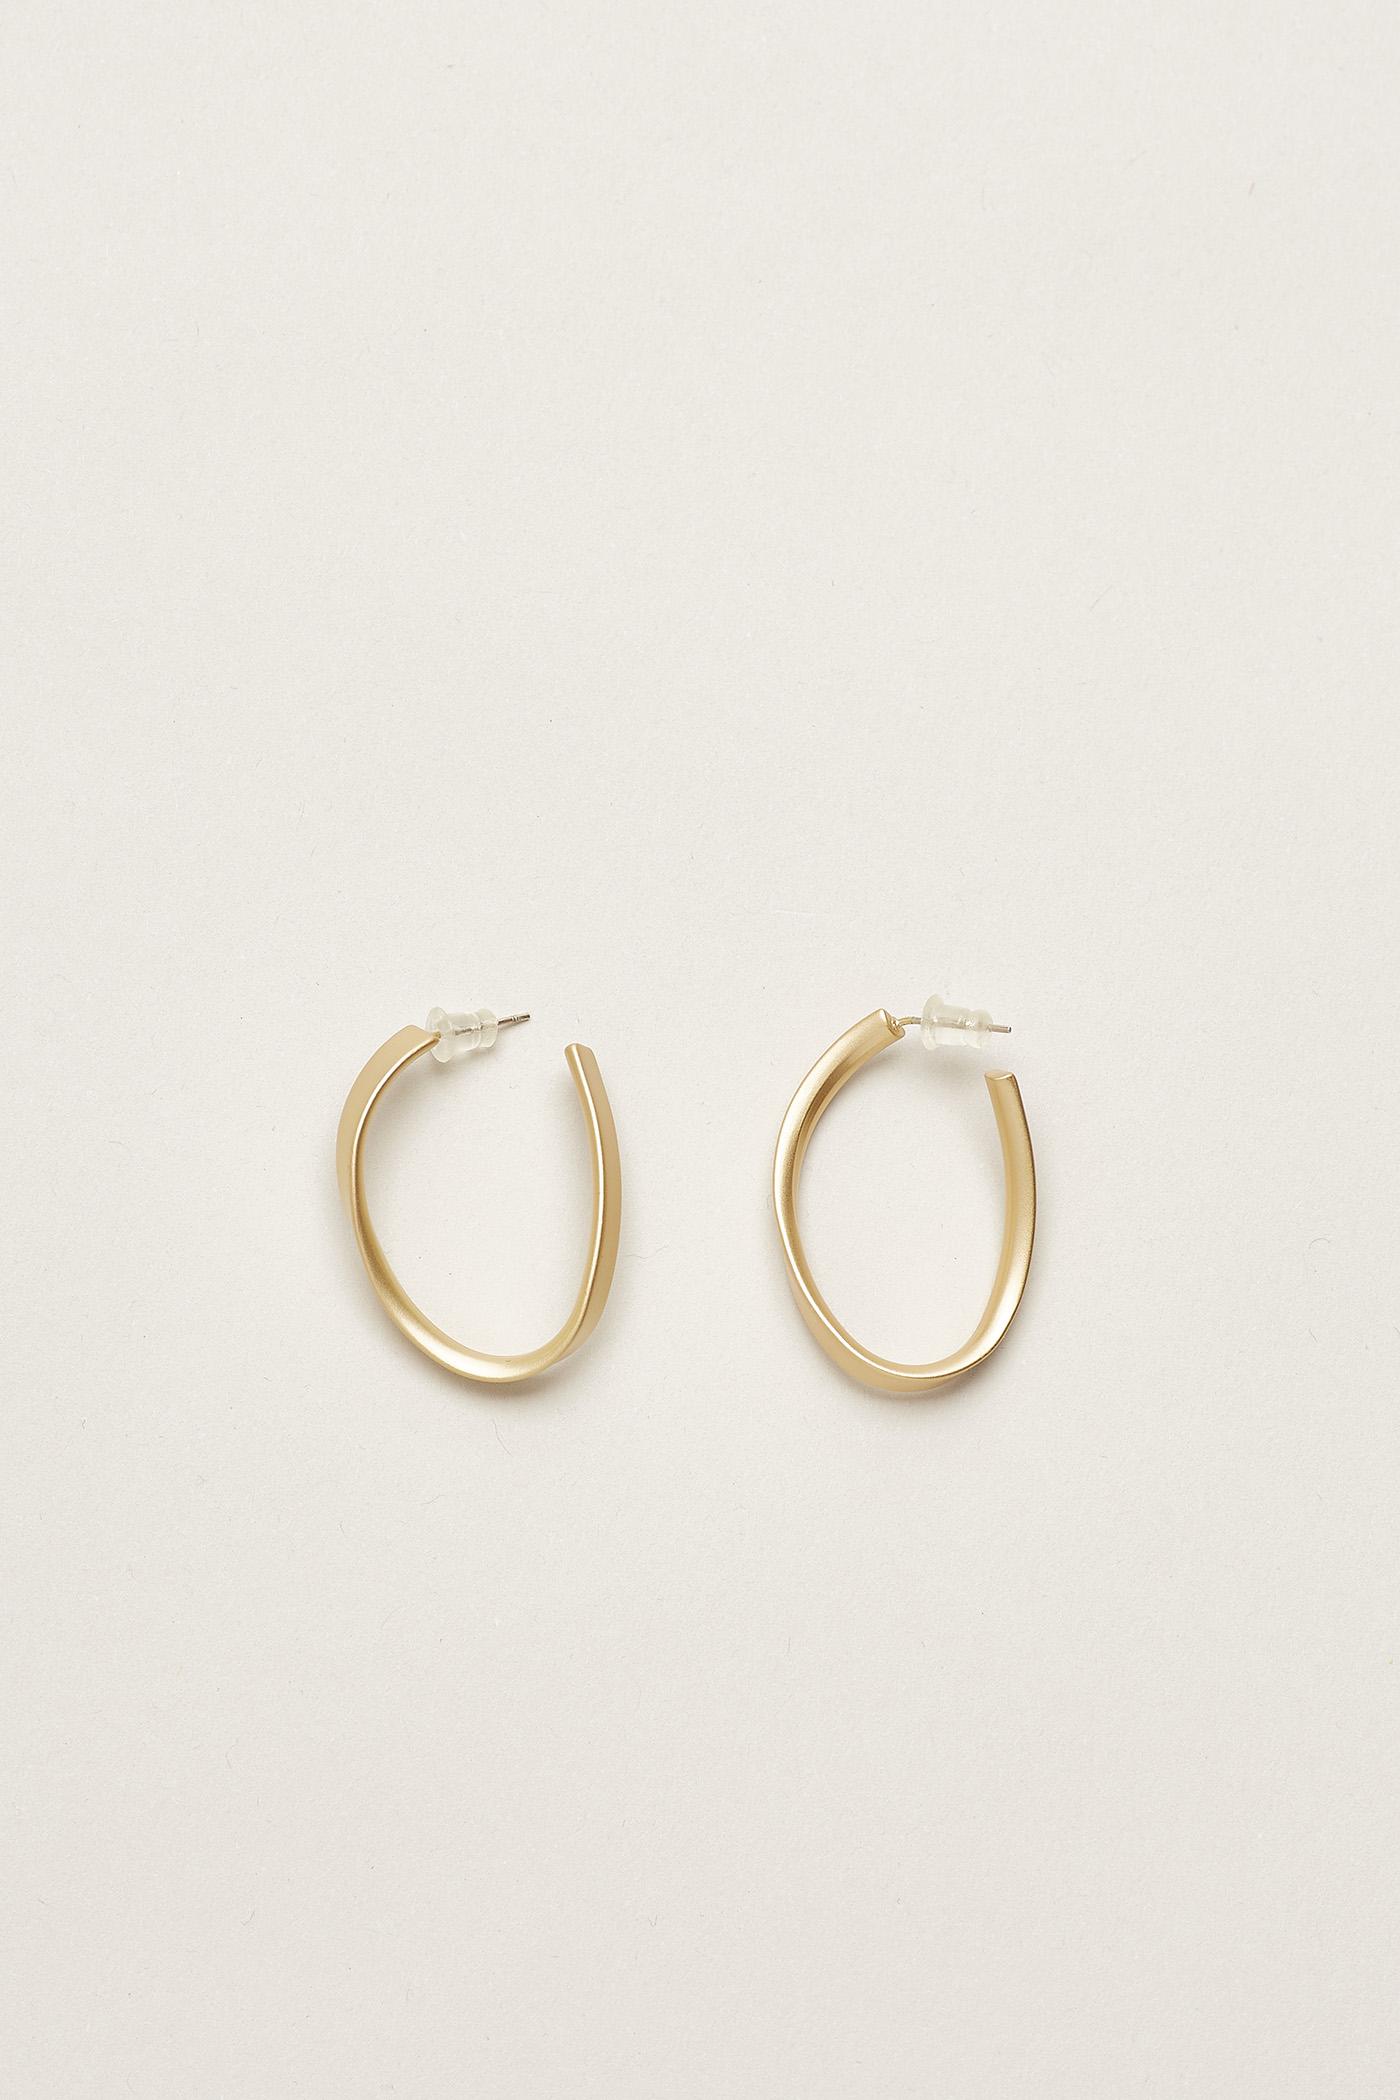 Eydis Wave Hoop Earrings